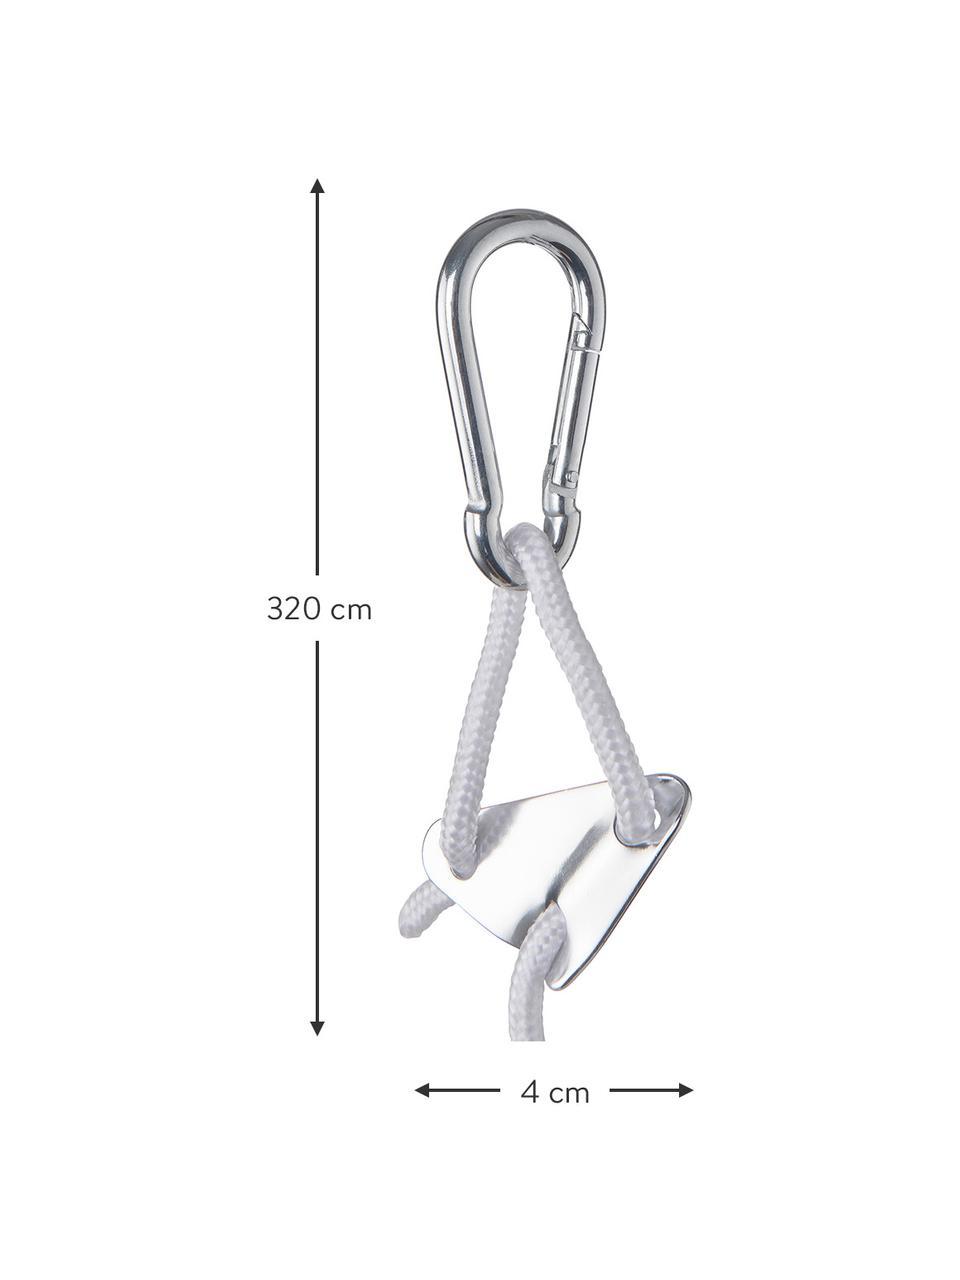 Karabiner-Aufhängesystem Baboon, Weiß, L 320 cm